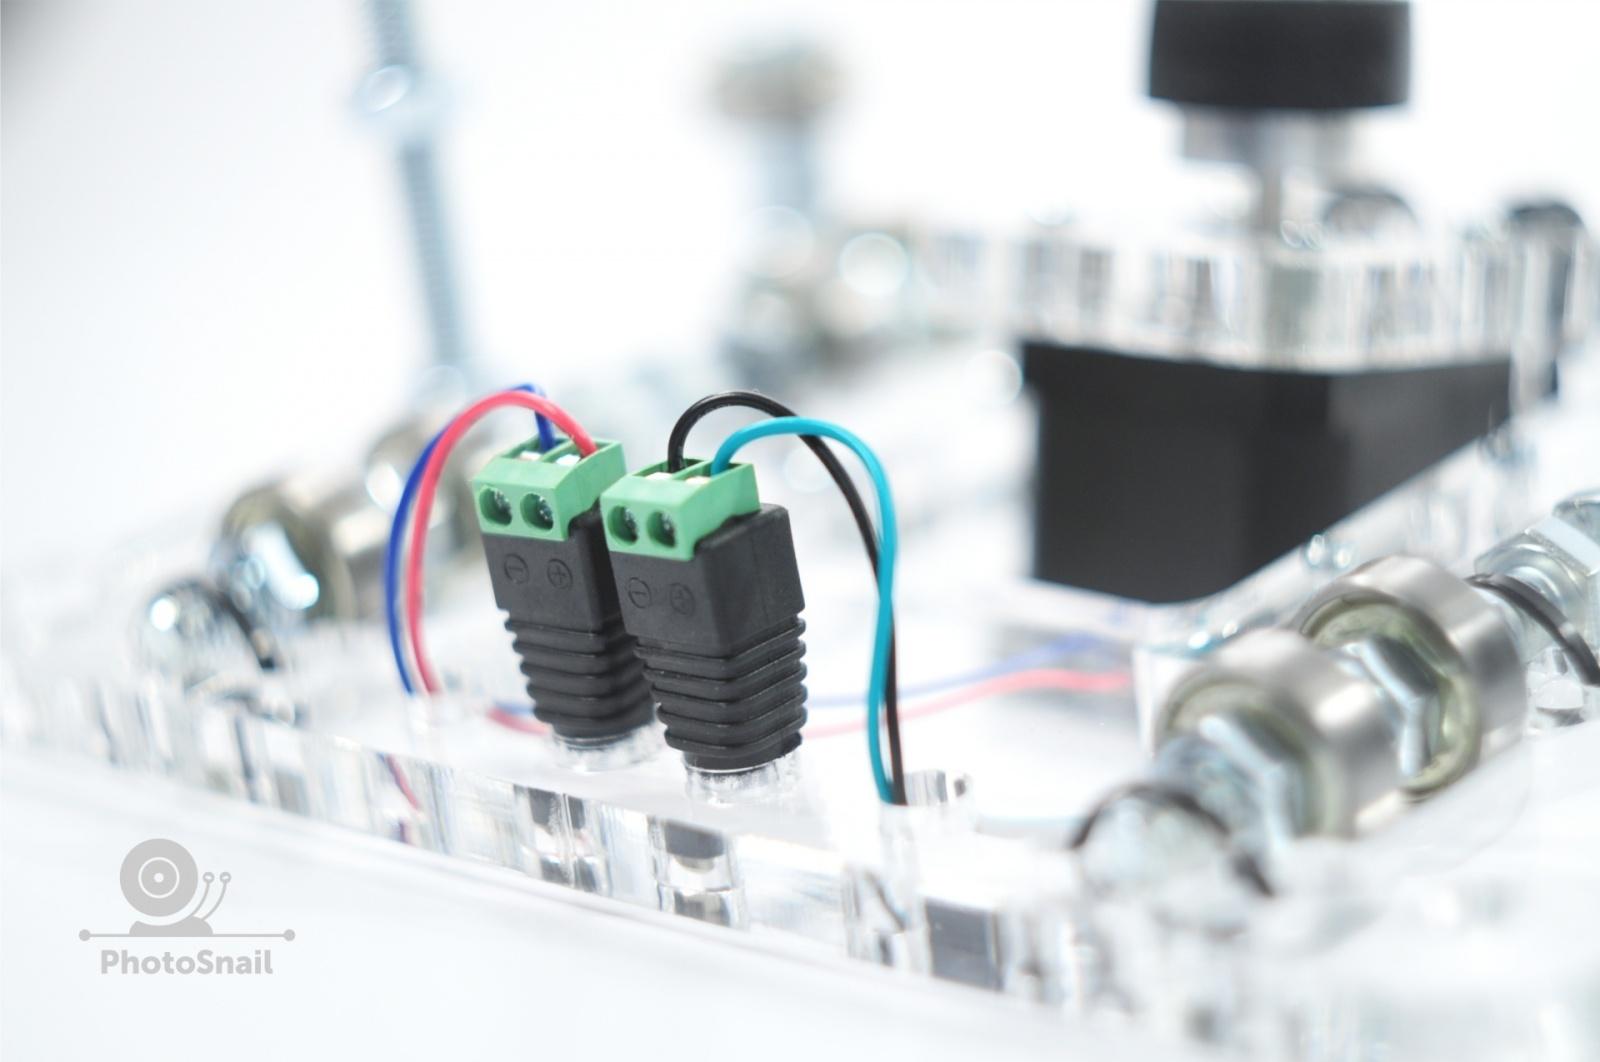 DIY моторизированный слайдер для съемки TimeLapse и видео - 9